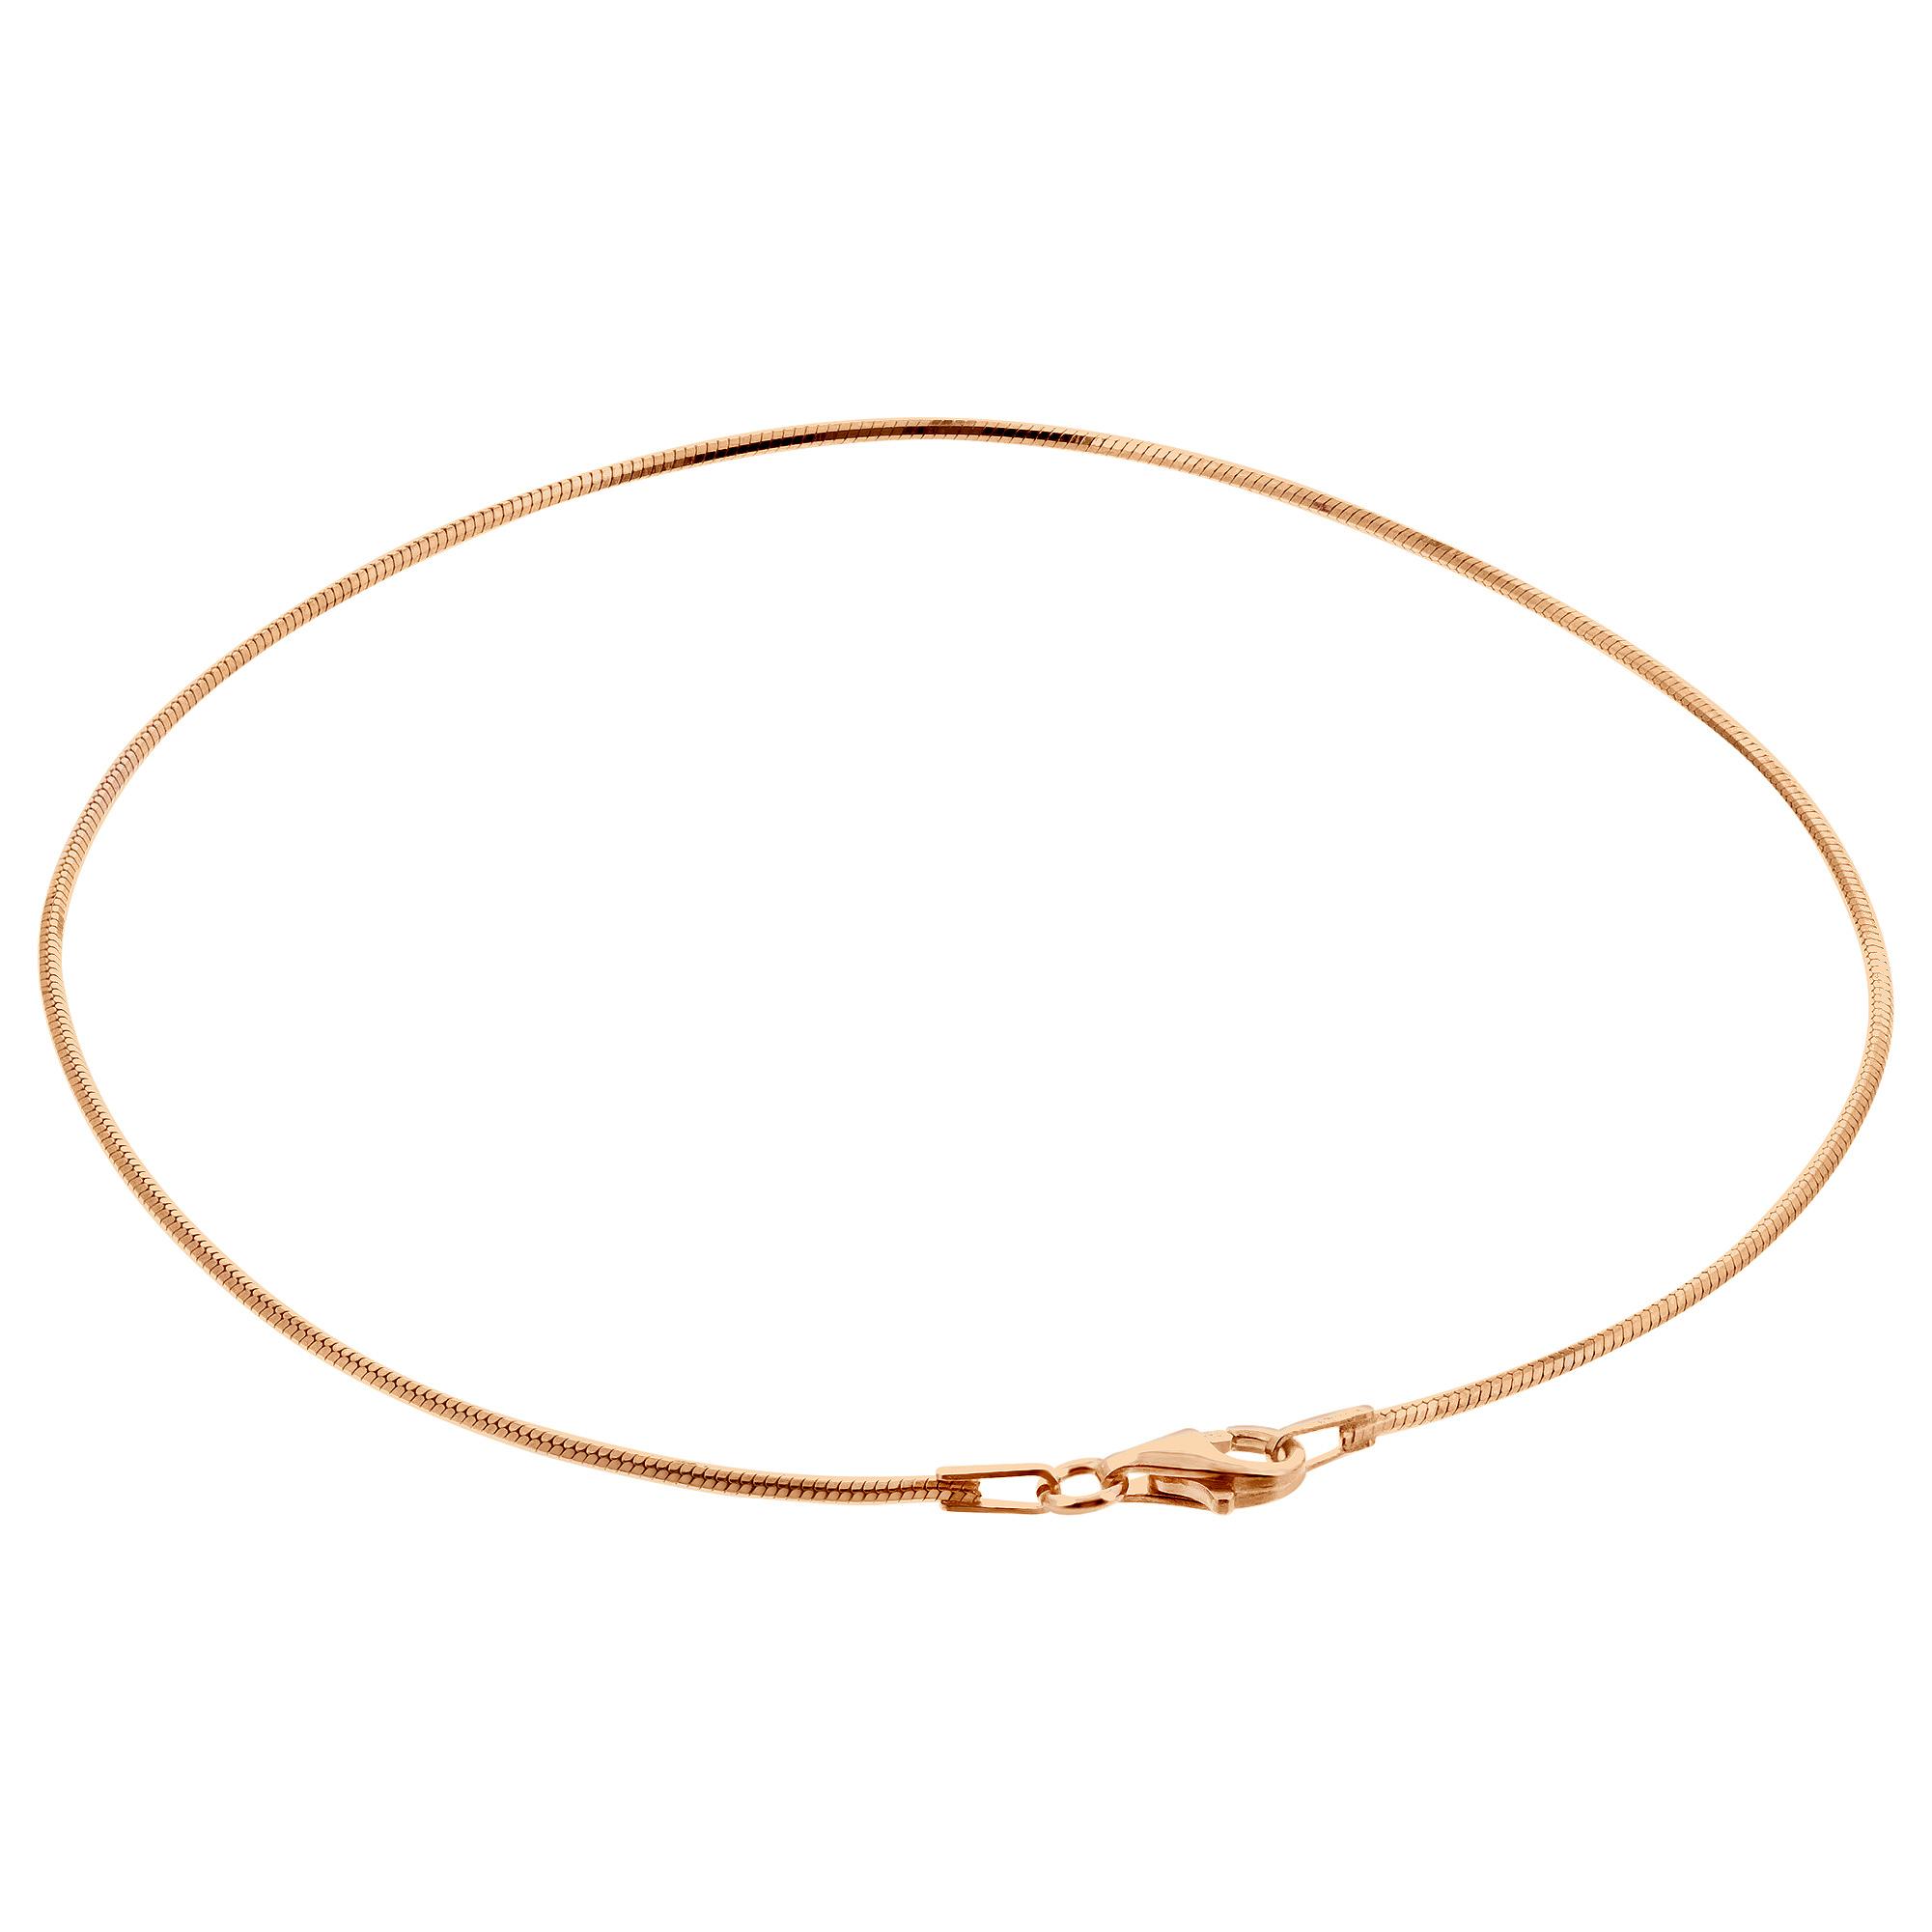 Vermeil Rose-gold Over S ANKLET 7,8,9,10,11 inches BRACELET Silver 1mm Snake